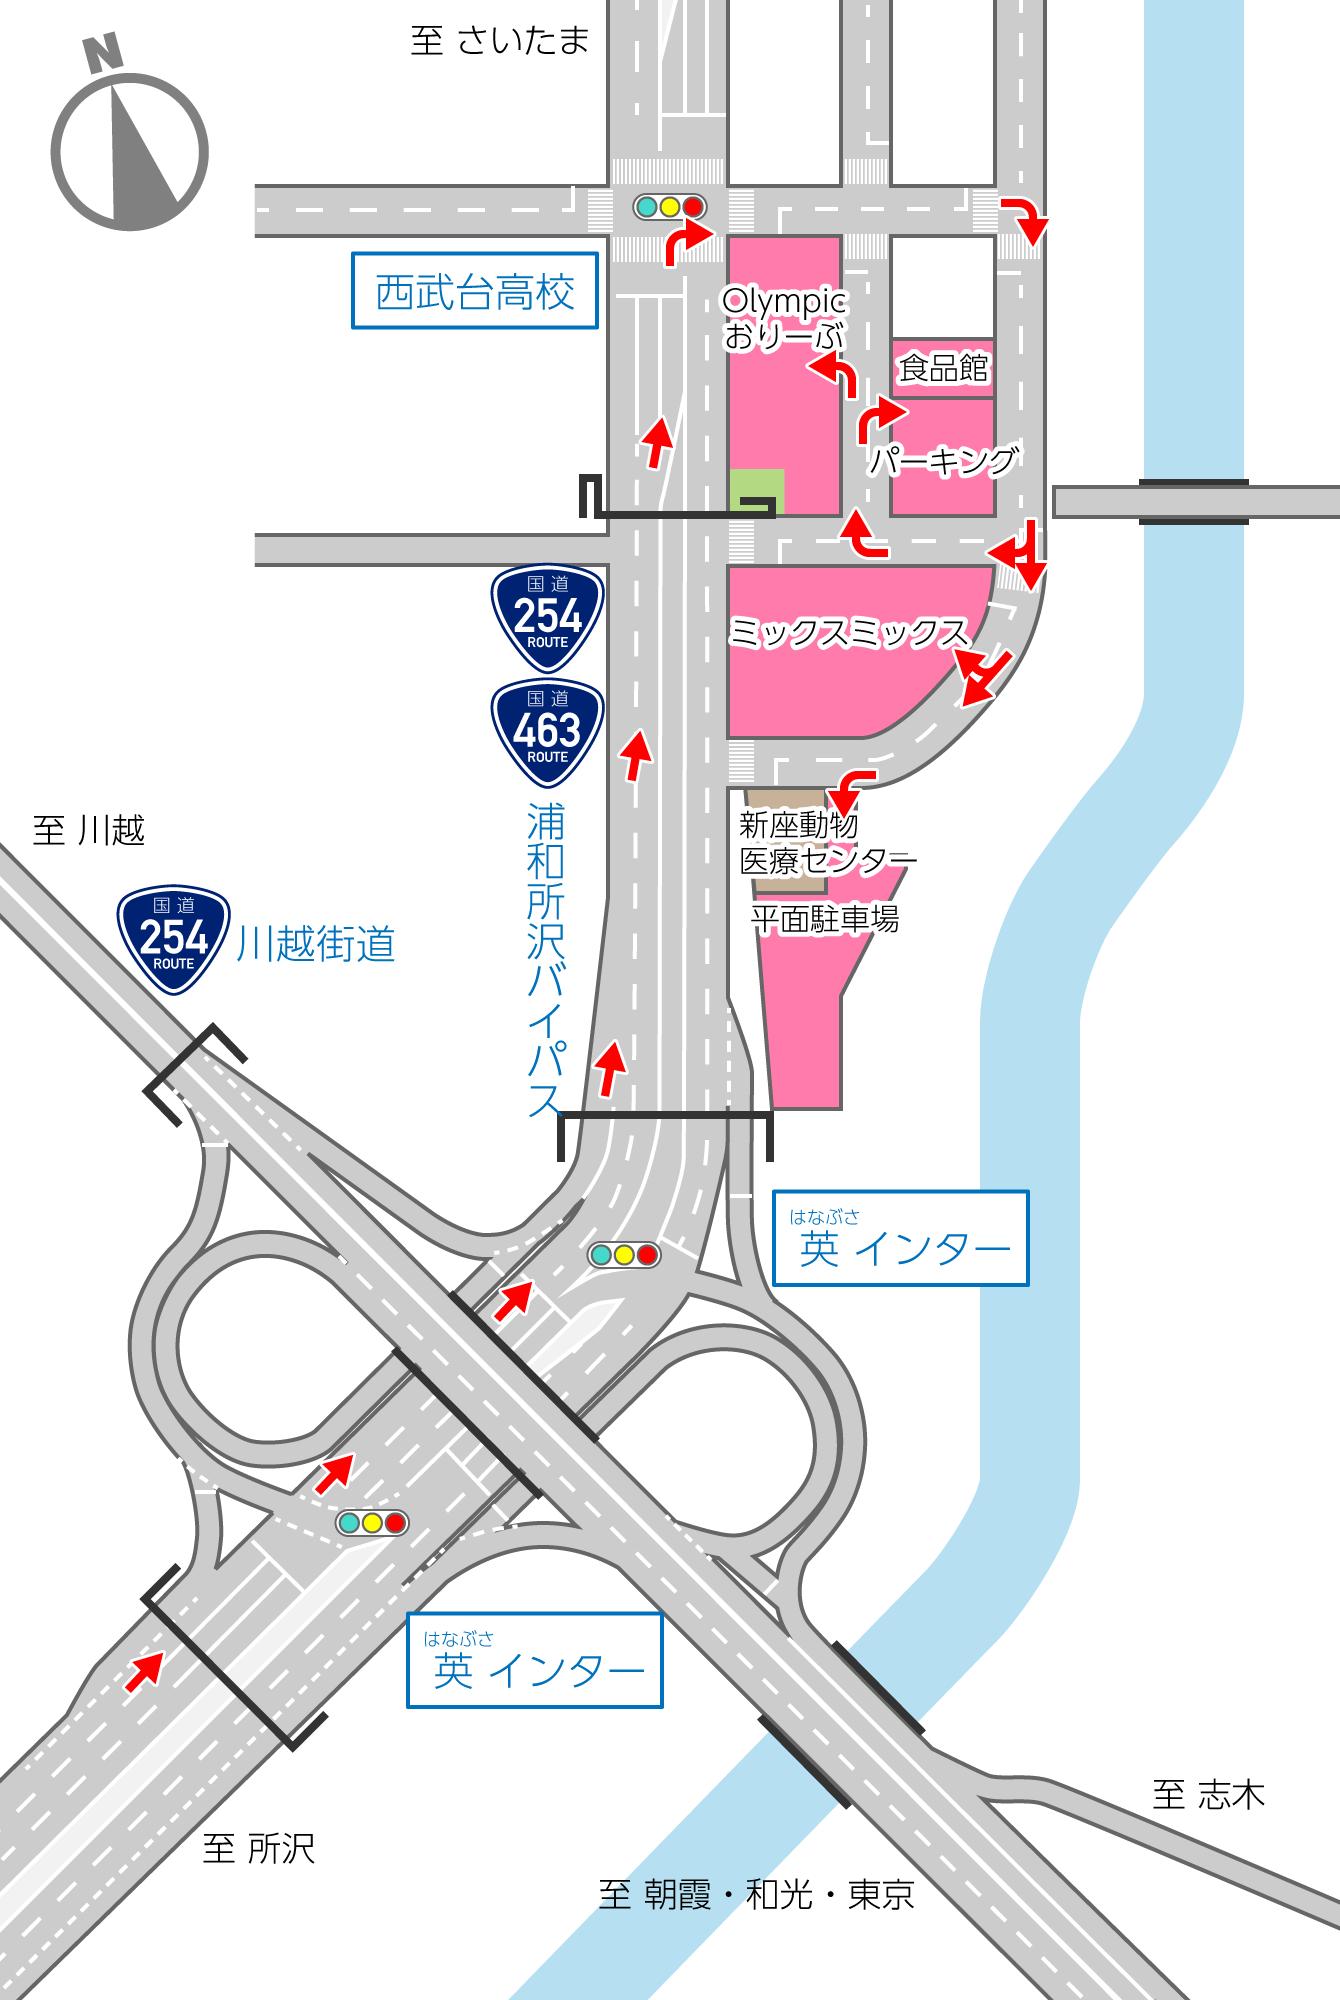 英インター詳細地図(所沢方面から)